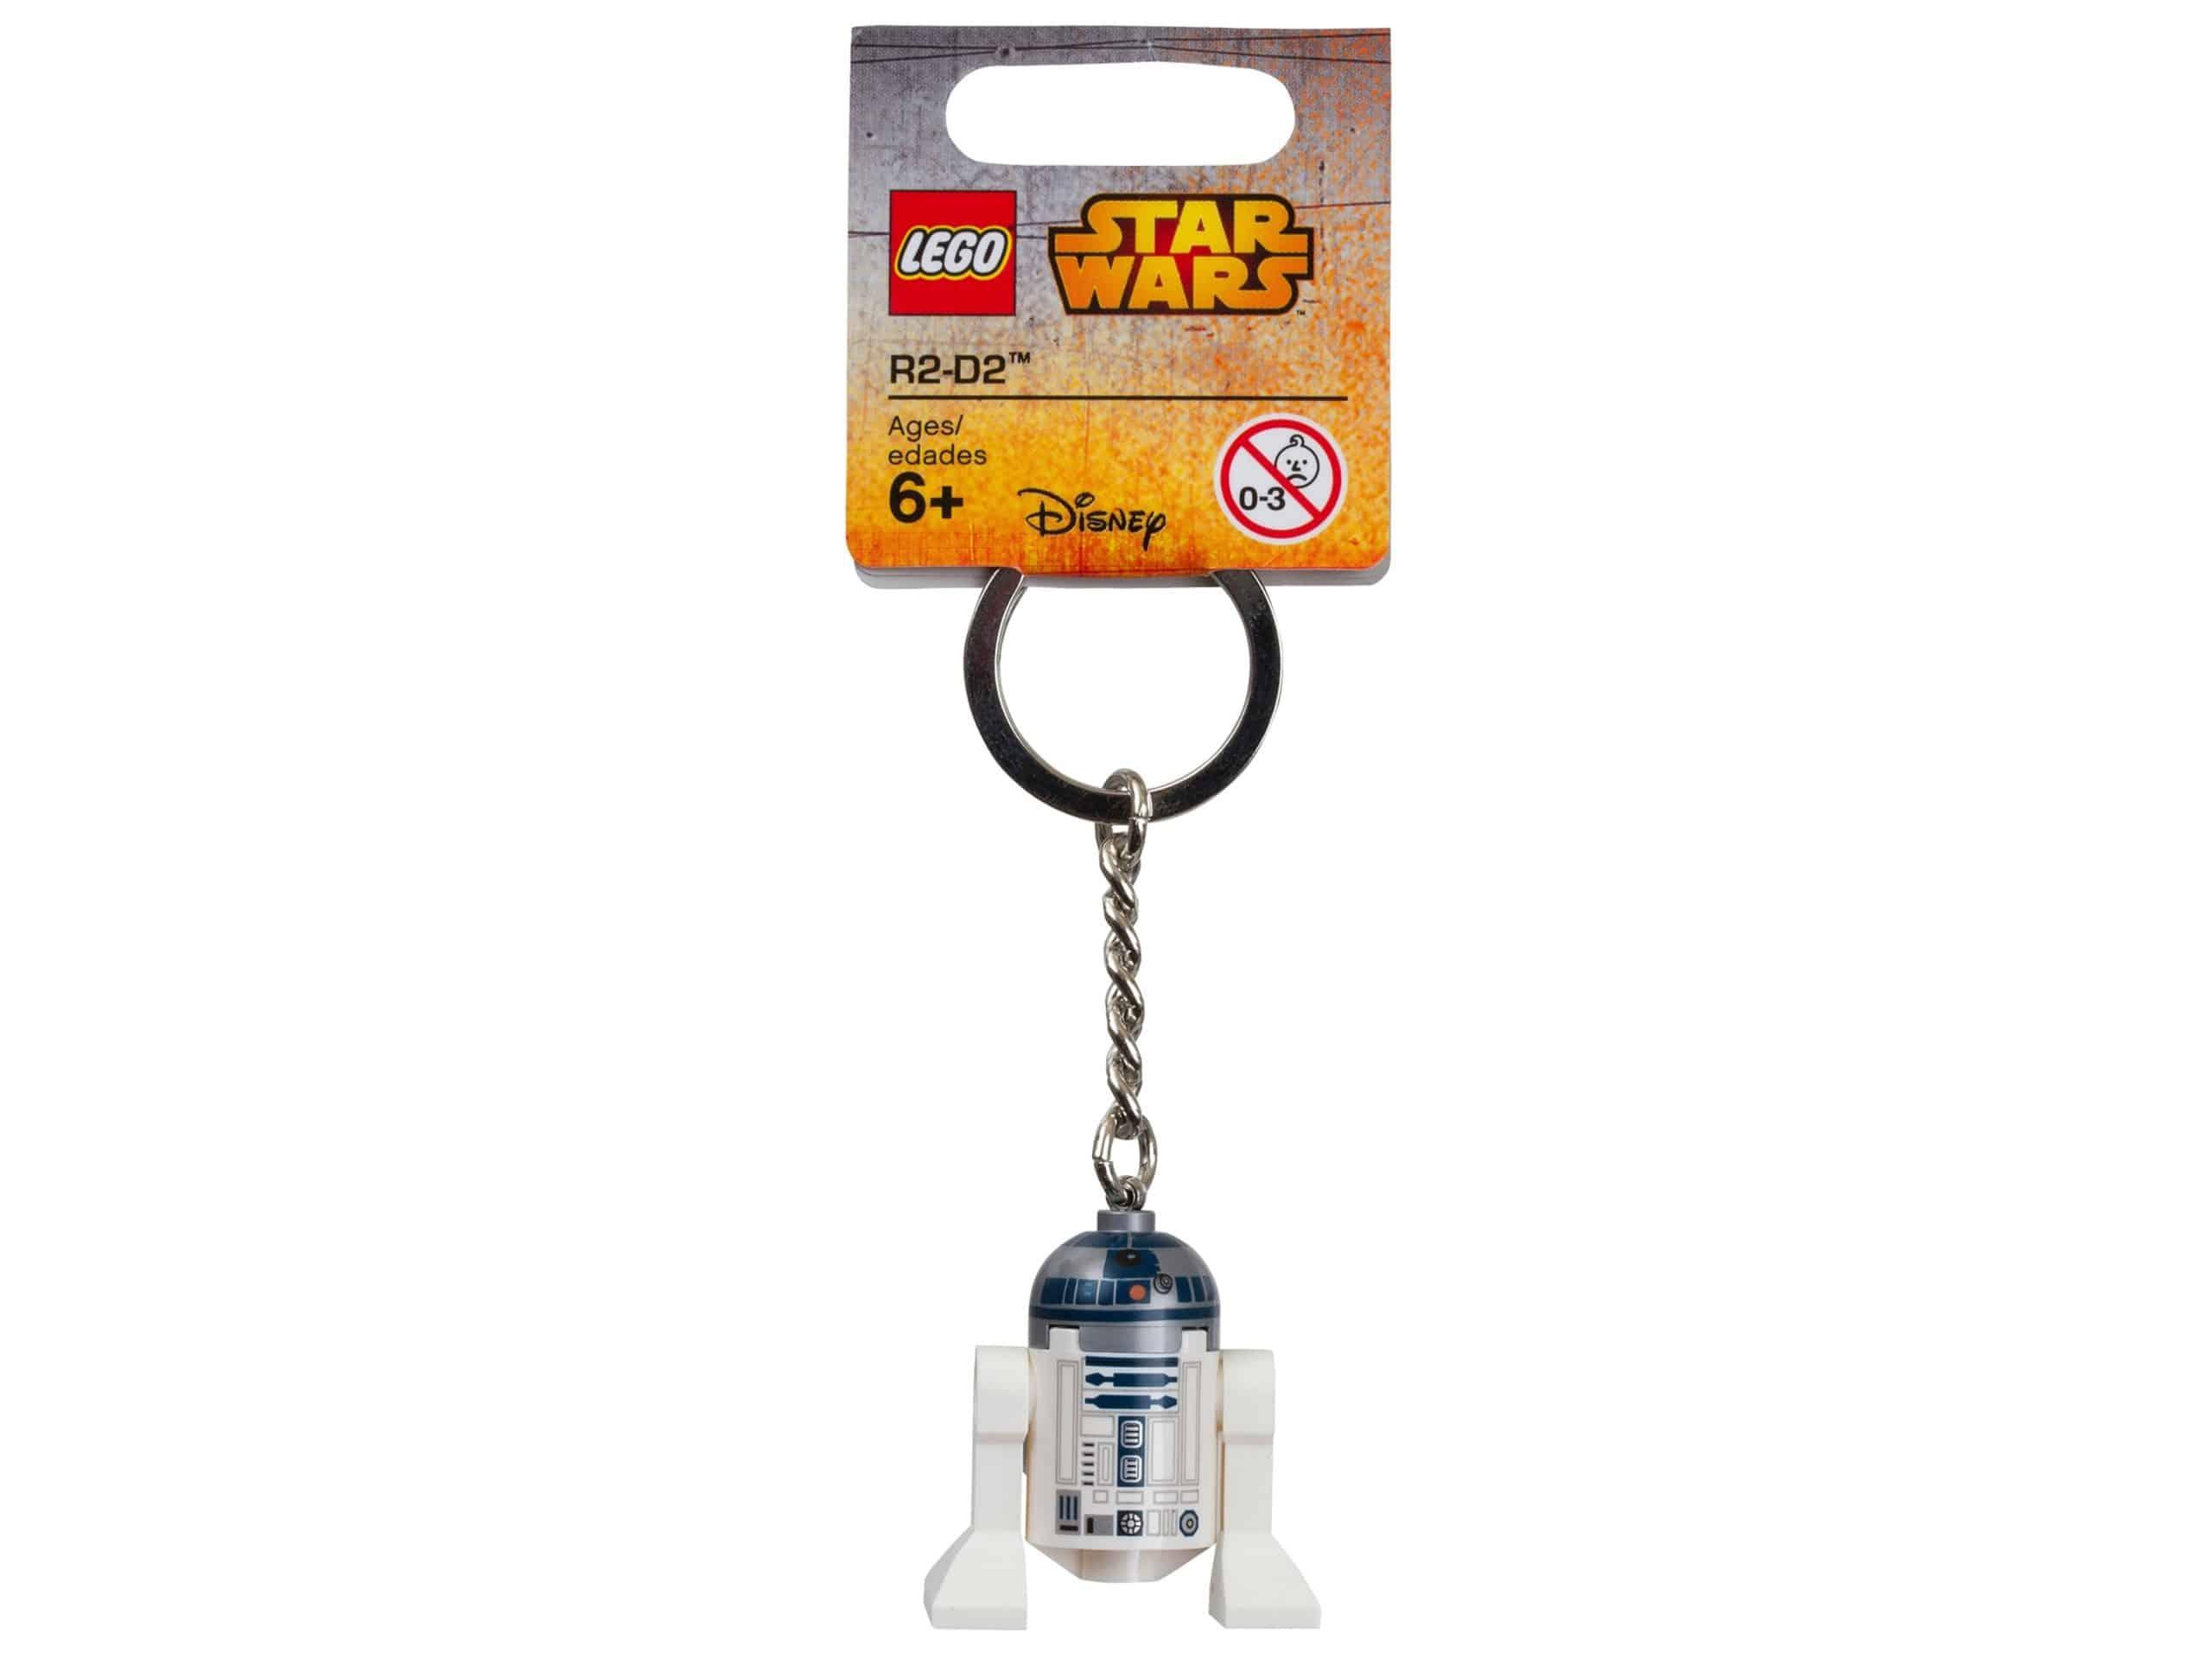 lego 853470 star wars r2 d2 noglering scaled